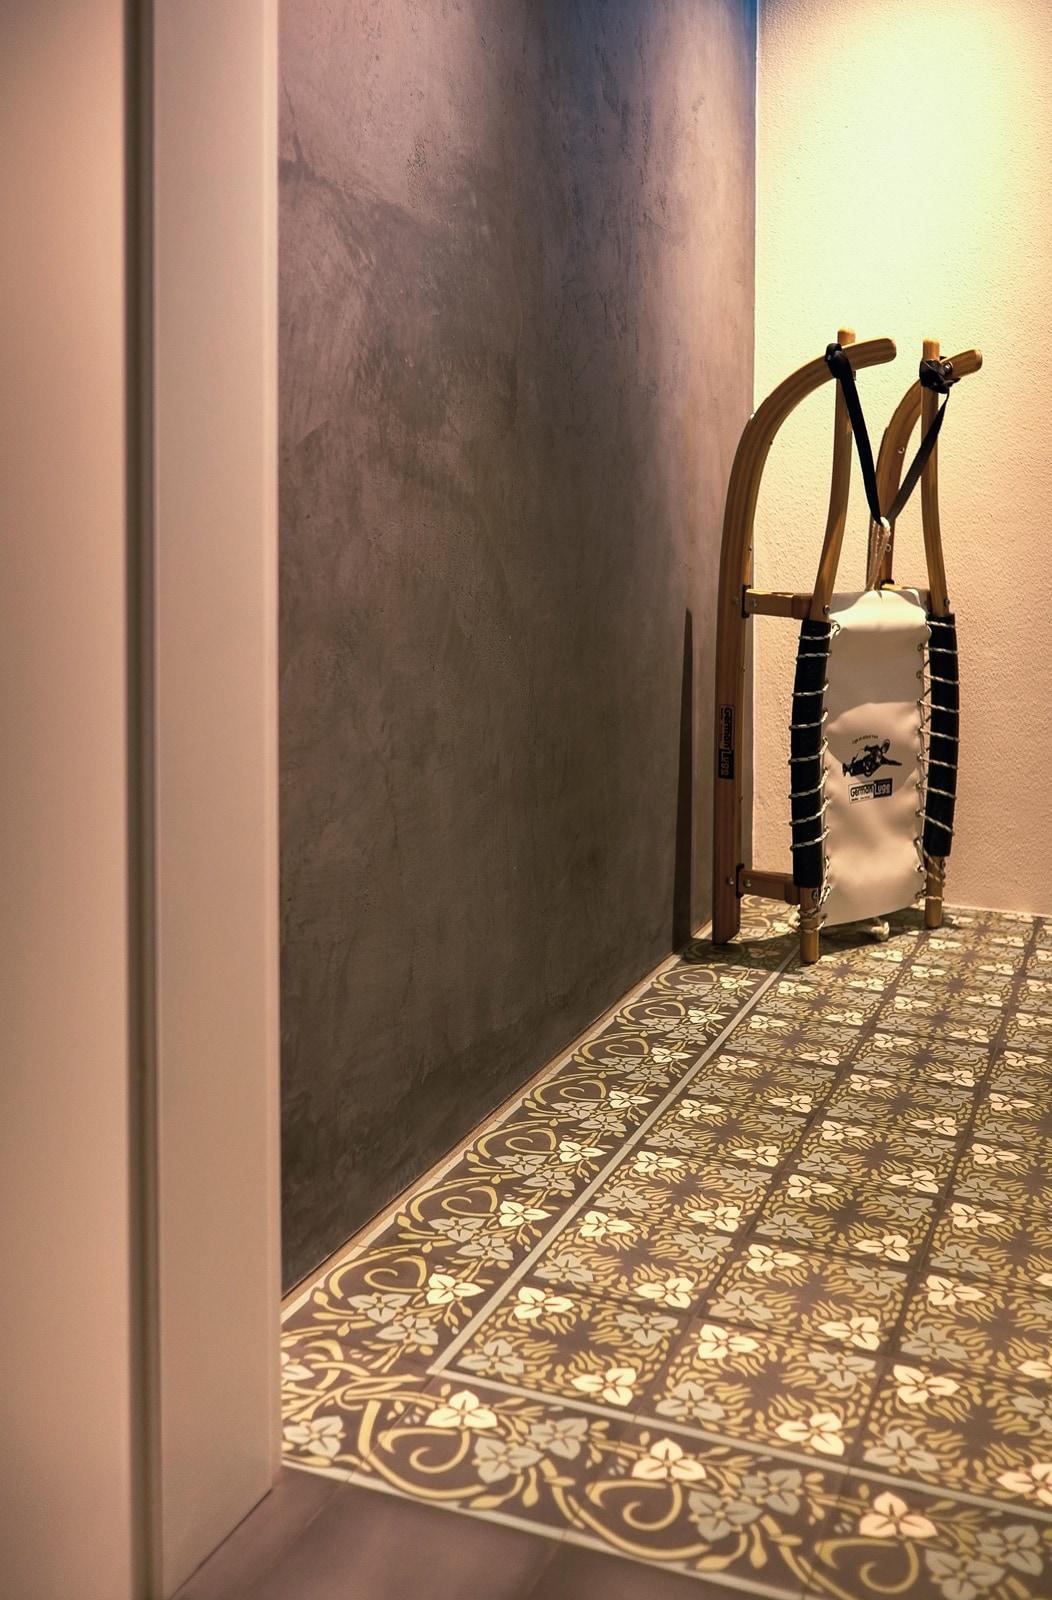 zementmosaikplatte-nummer-11761-keller-via-gmbh | 11761